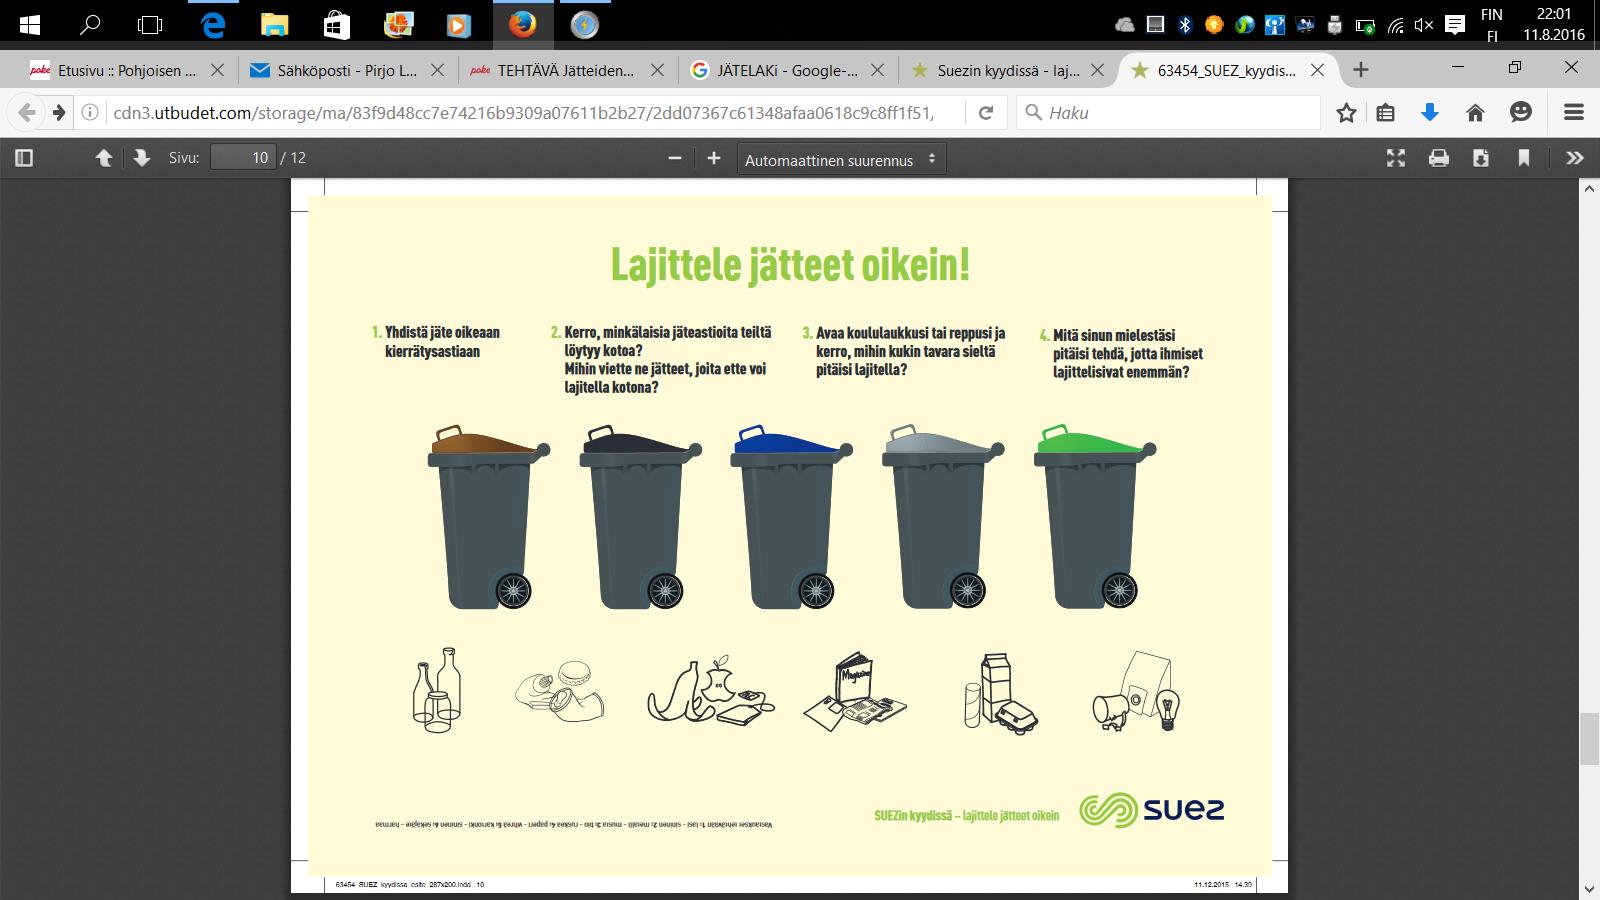 Jätteiden Lajittelu Ja Kierrätys